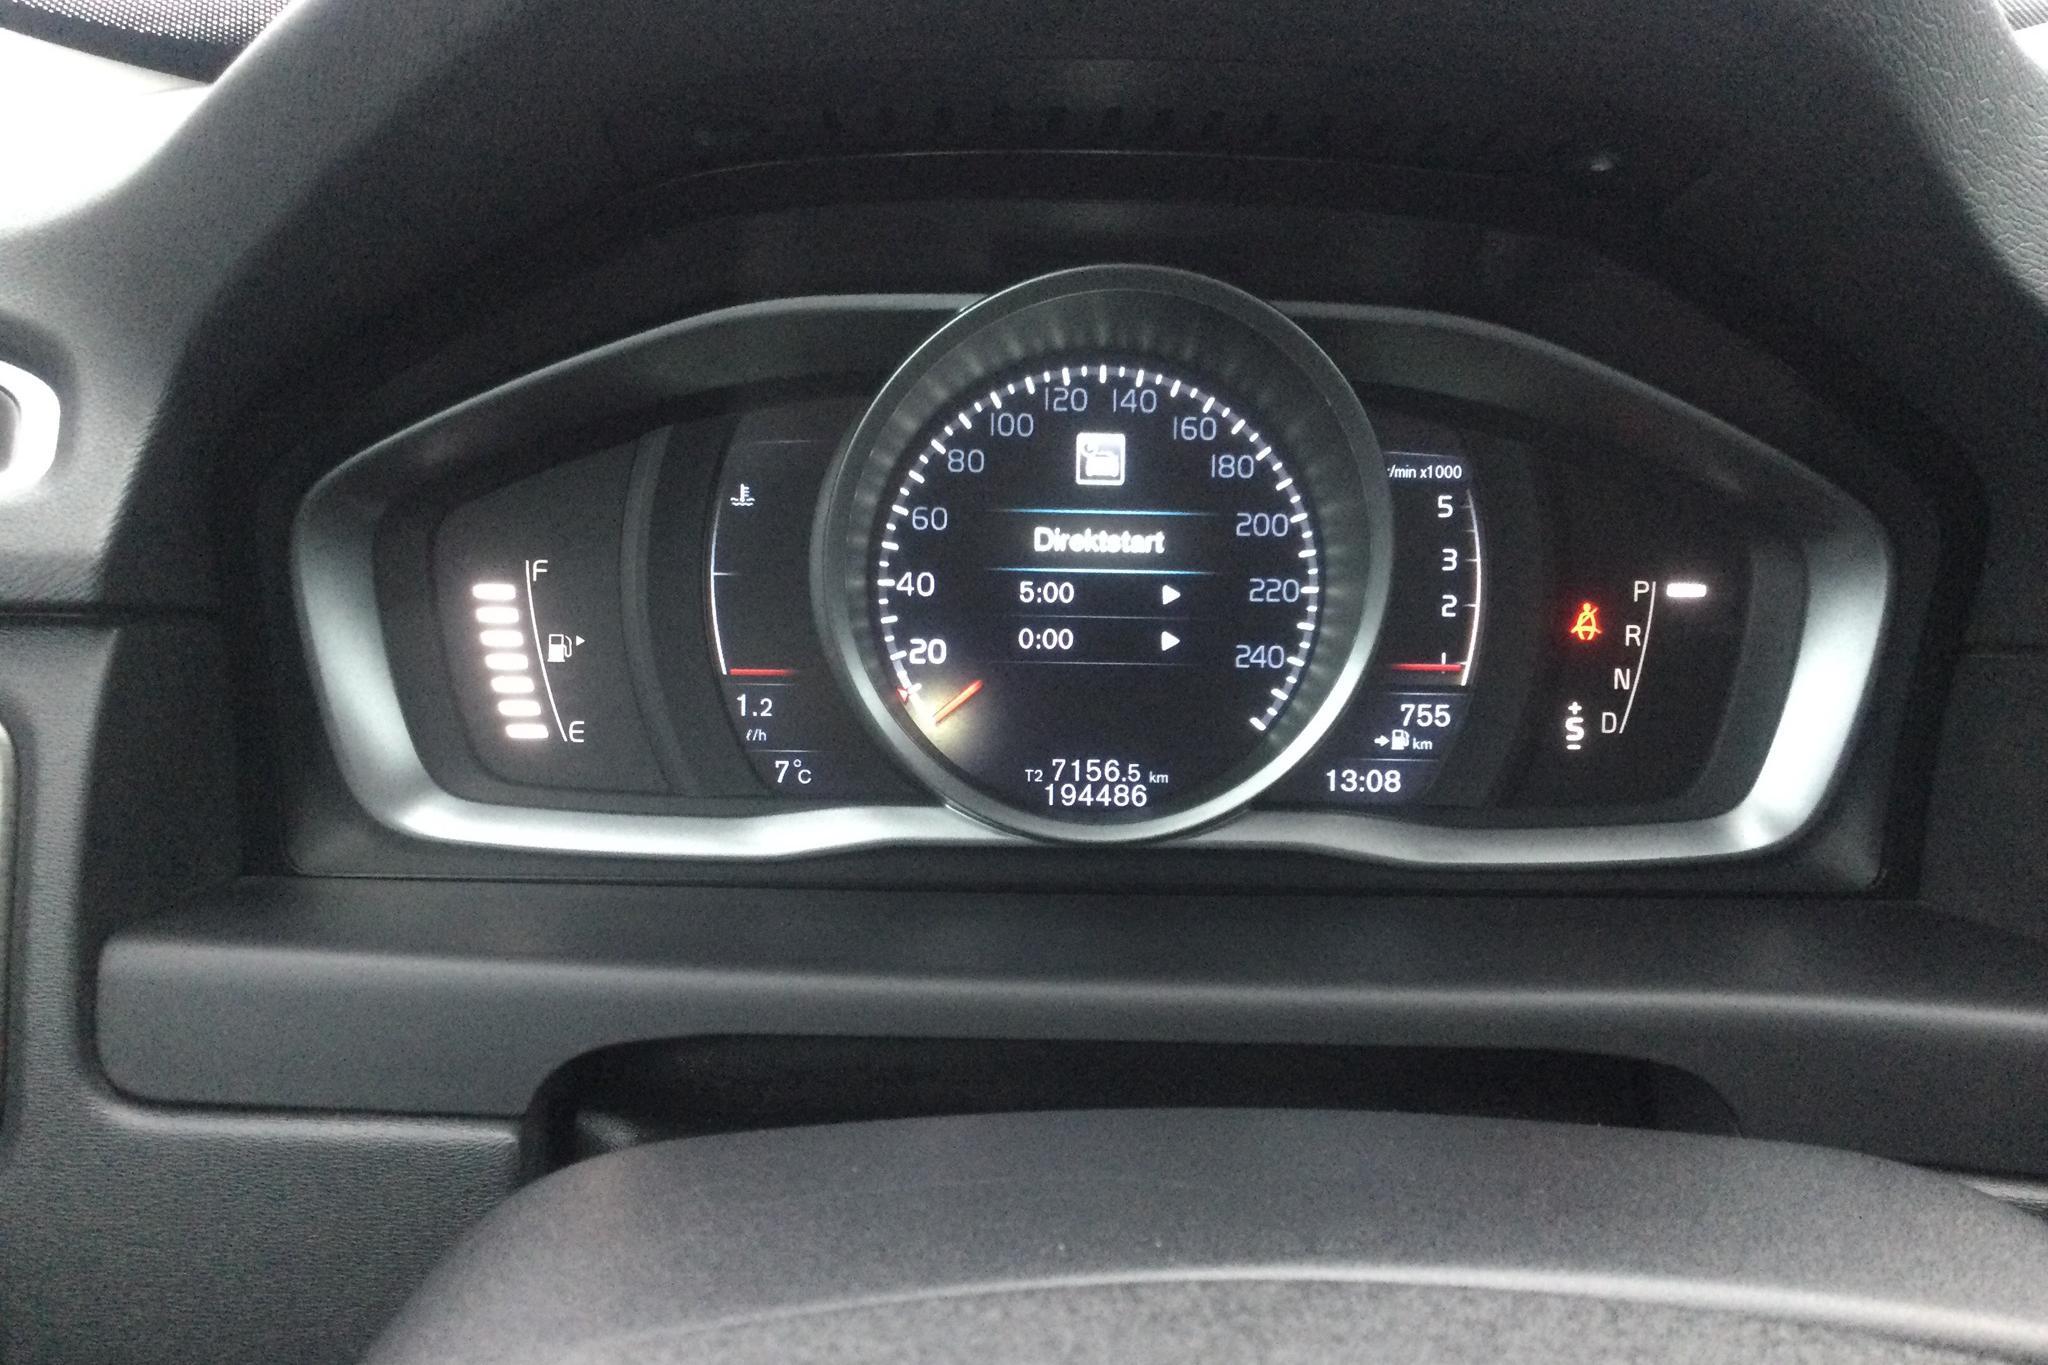 Volvo XC70 II D4 AWD (181hk) - 19 448 mil - Automat - svart - 2015